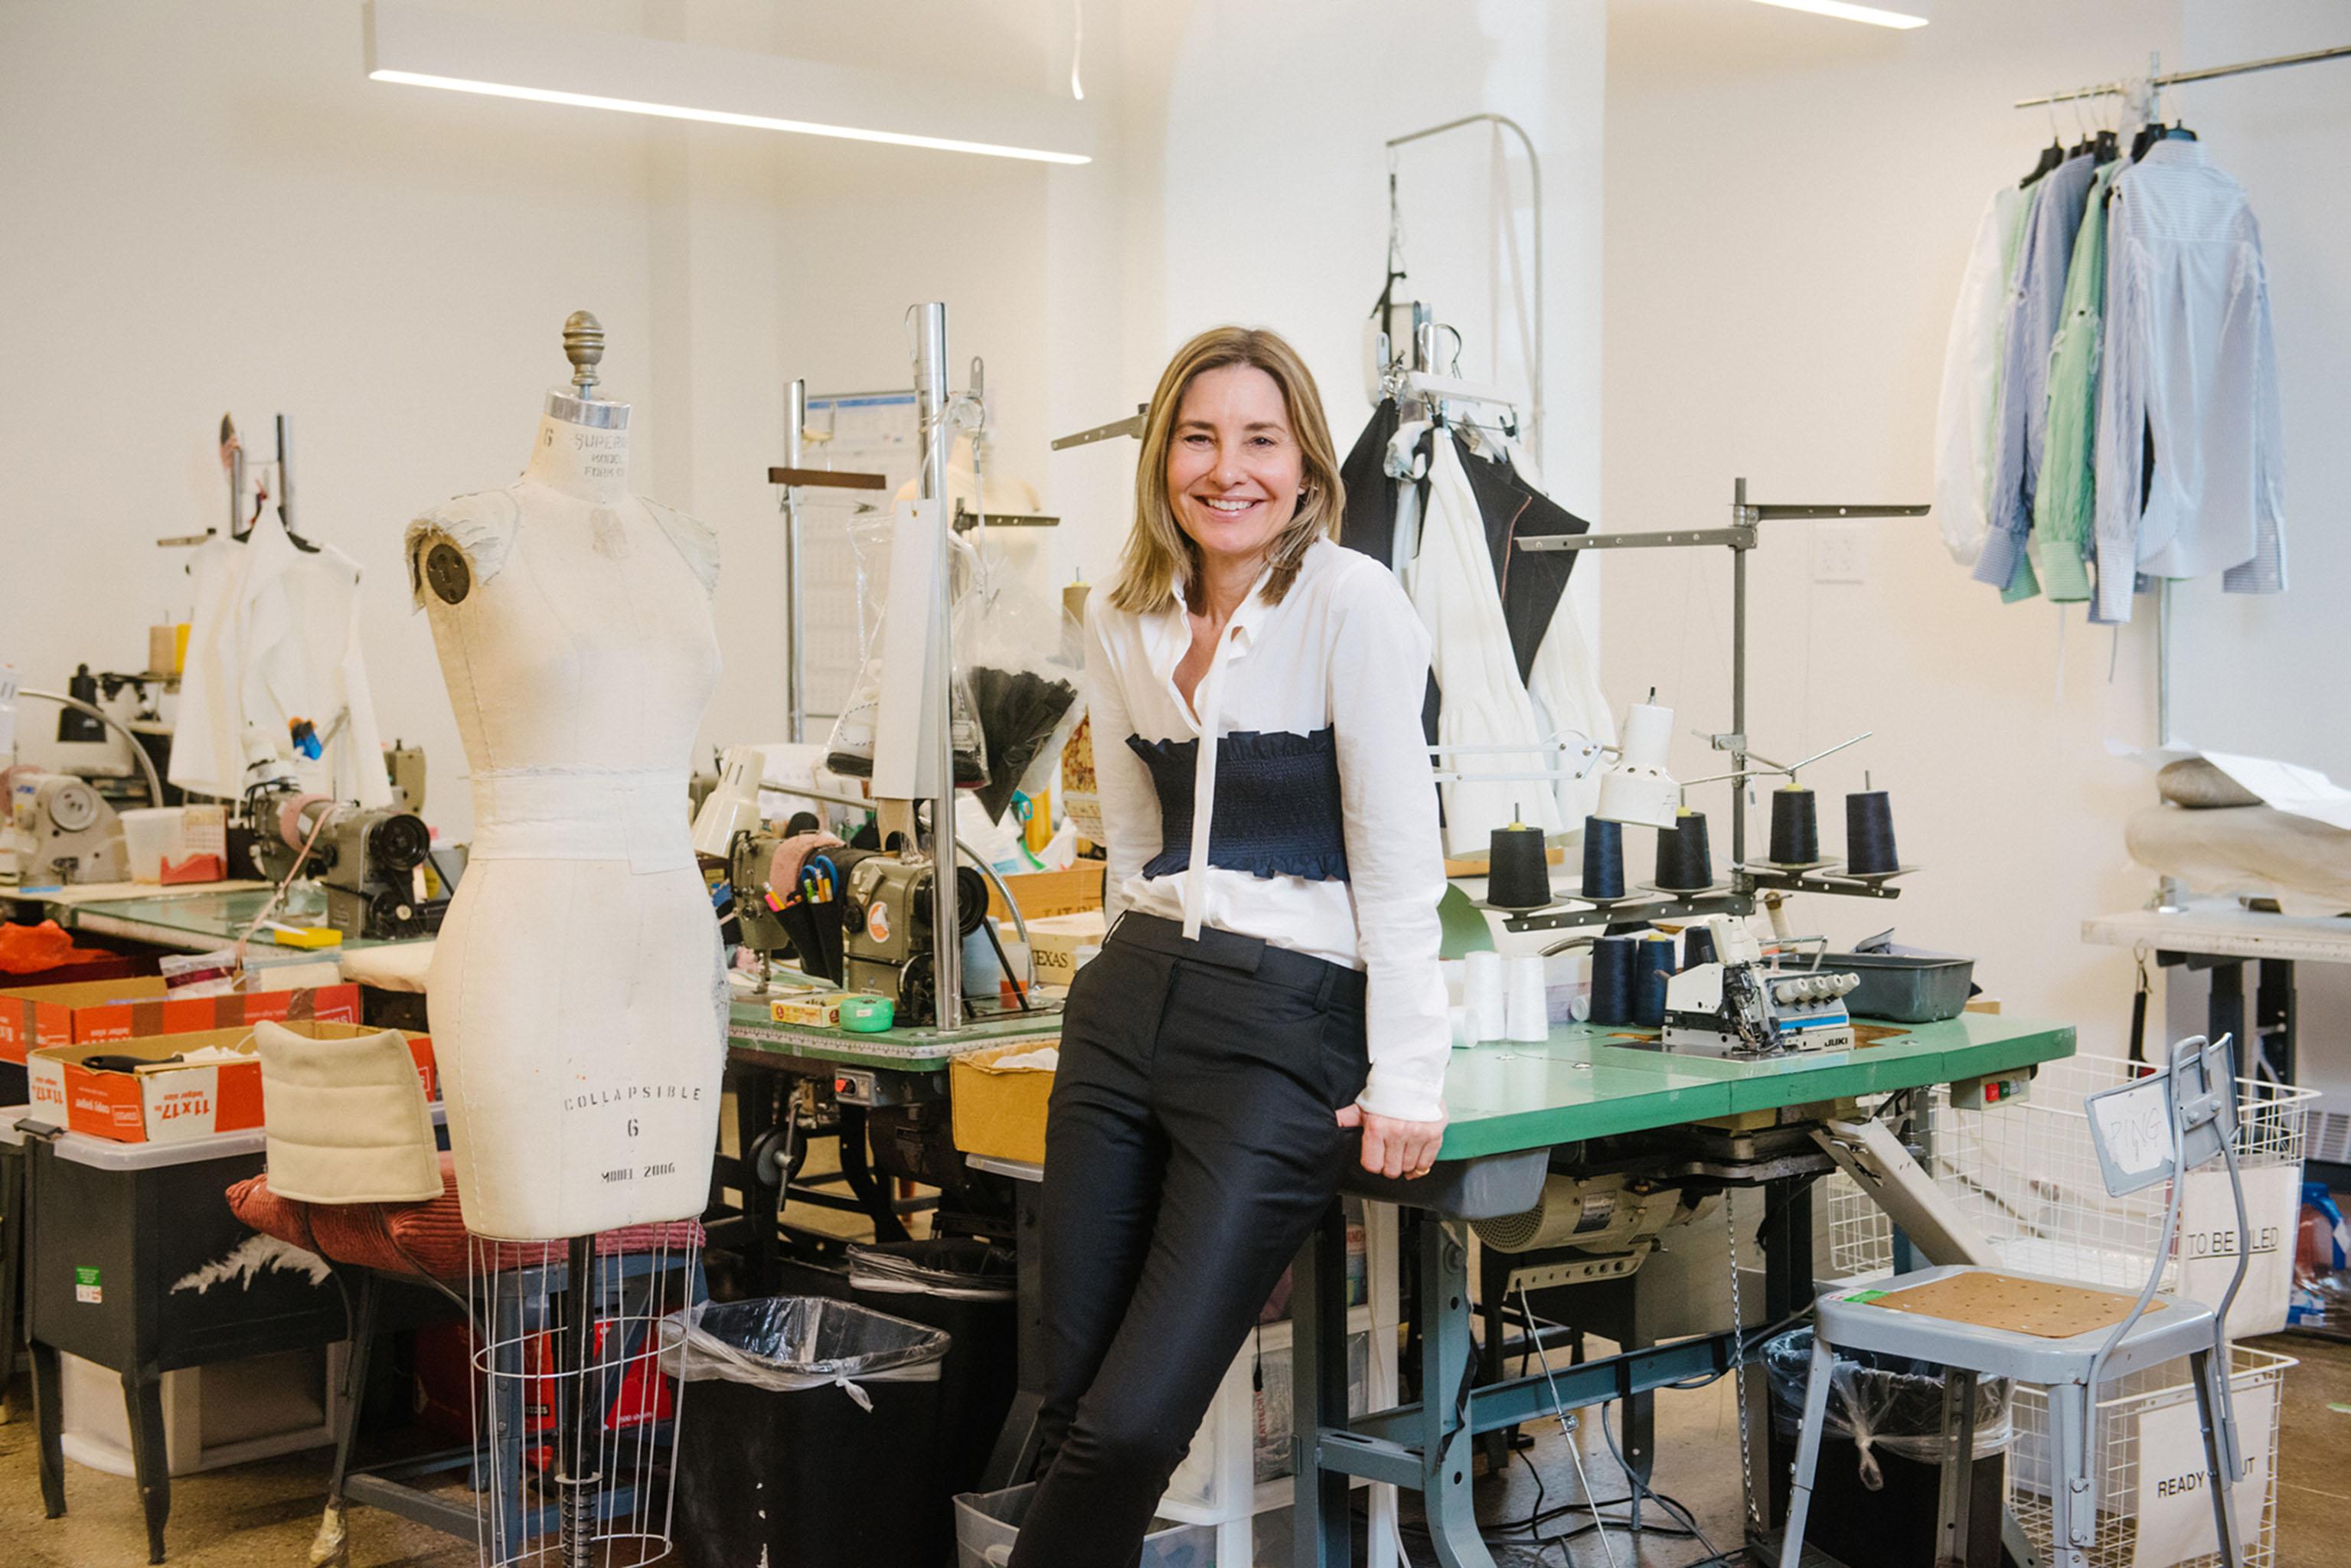 Amy Smilovic in her New York studio.